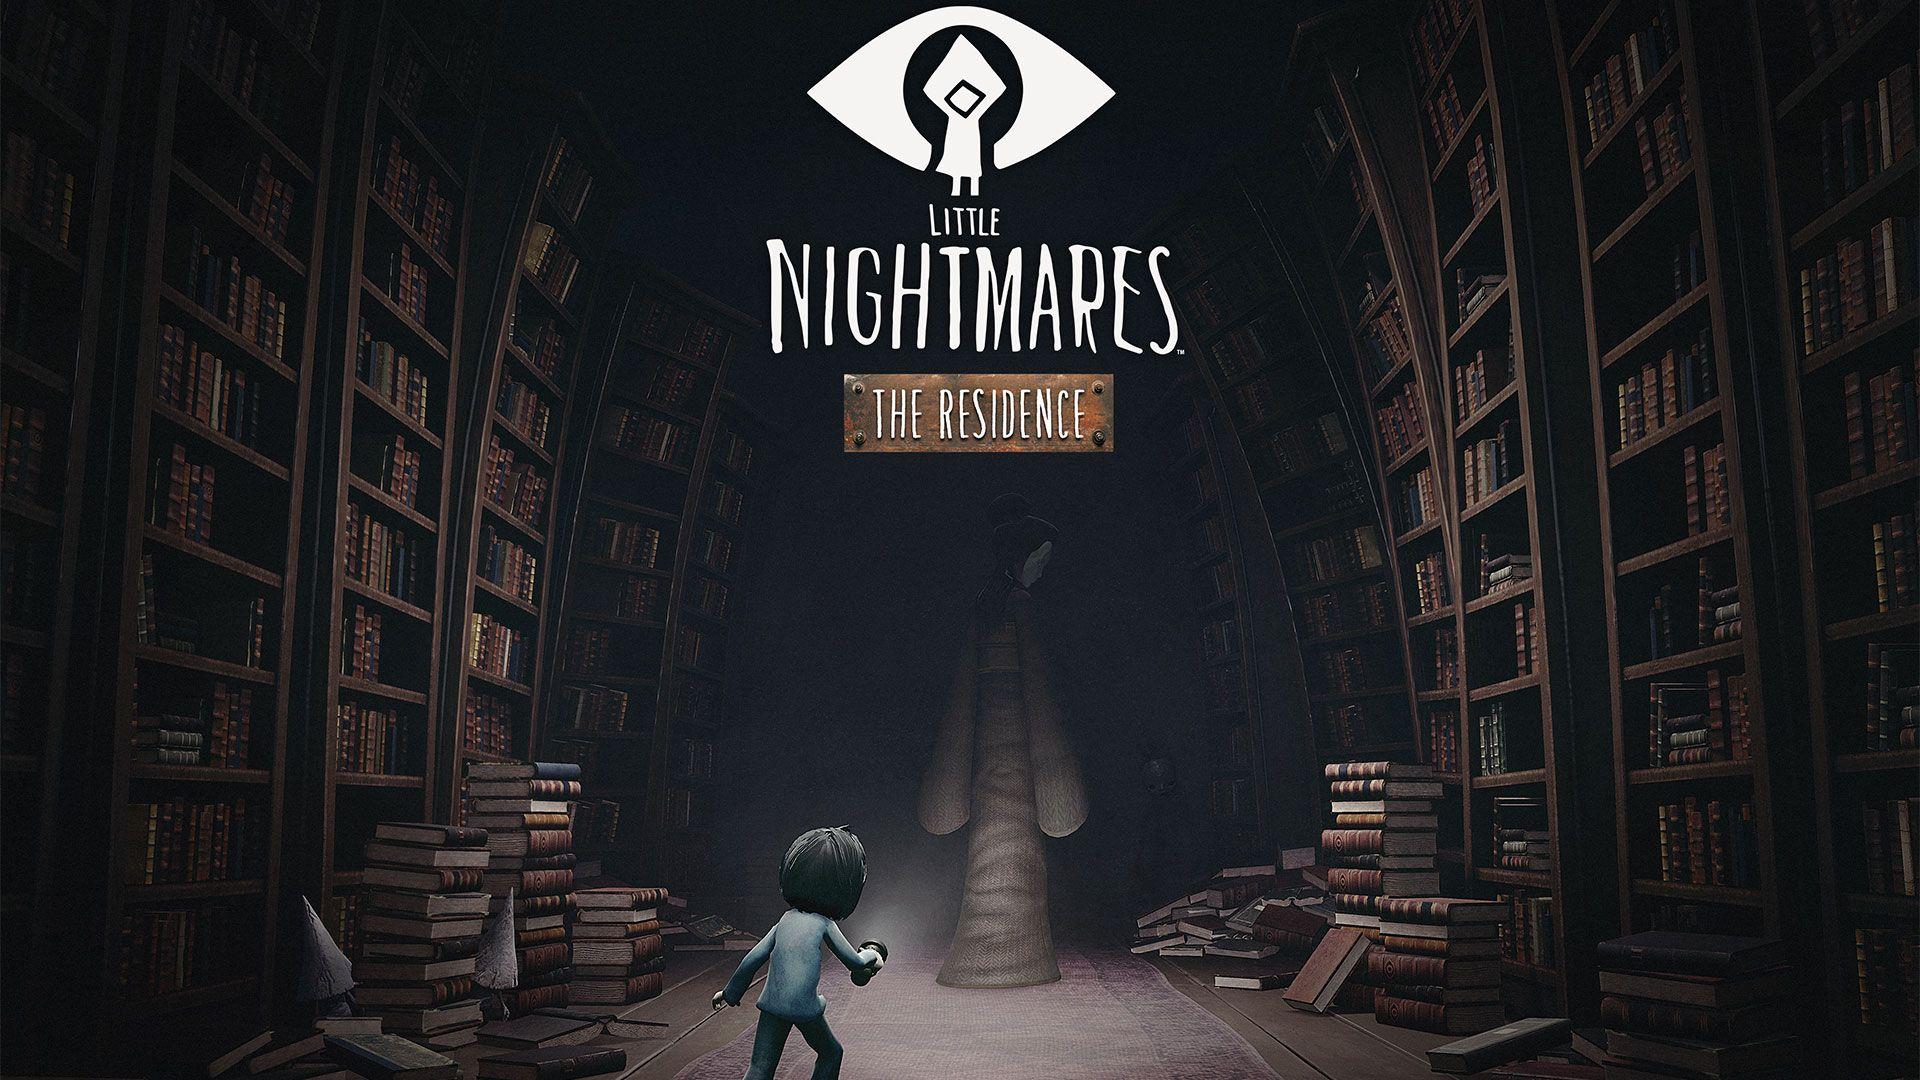 La Residencia como tercer capitulo para Little Nightmares